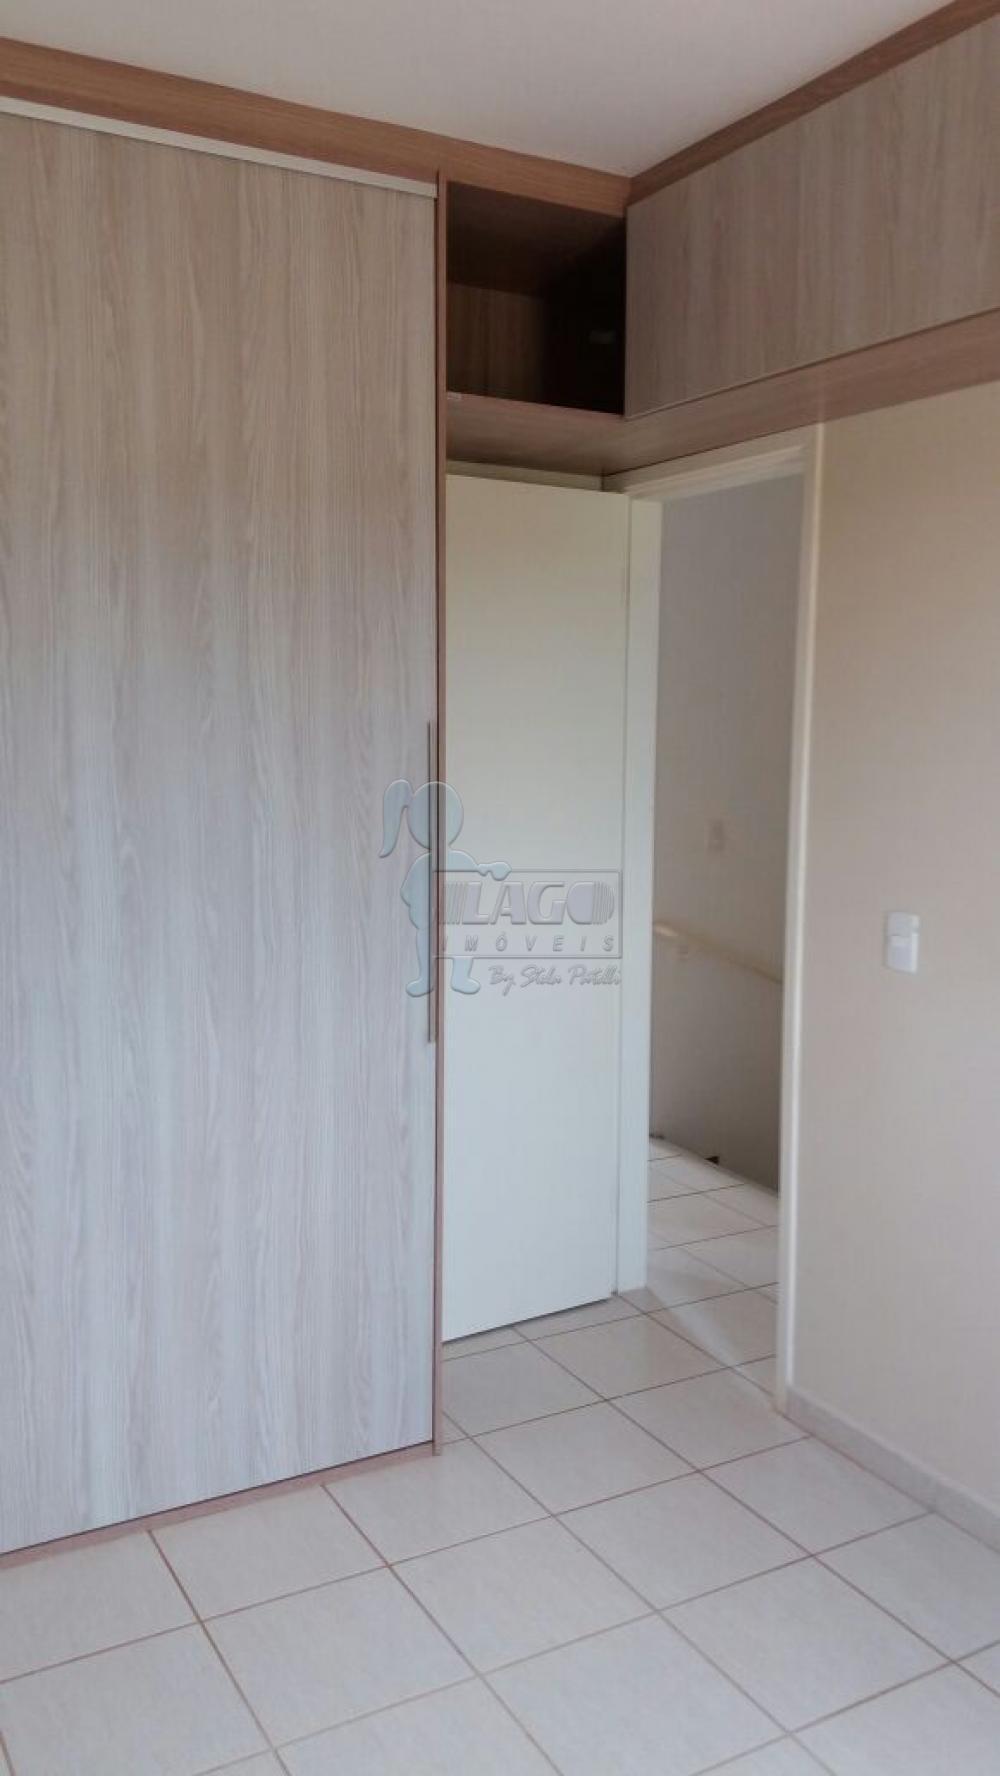 Alugar Casas / Condomínio em Ribeirão Preto apenas R$ 2.000,00 - Foto 21